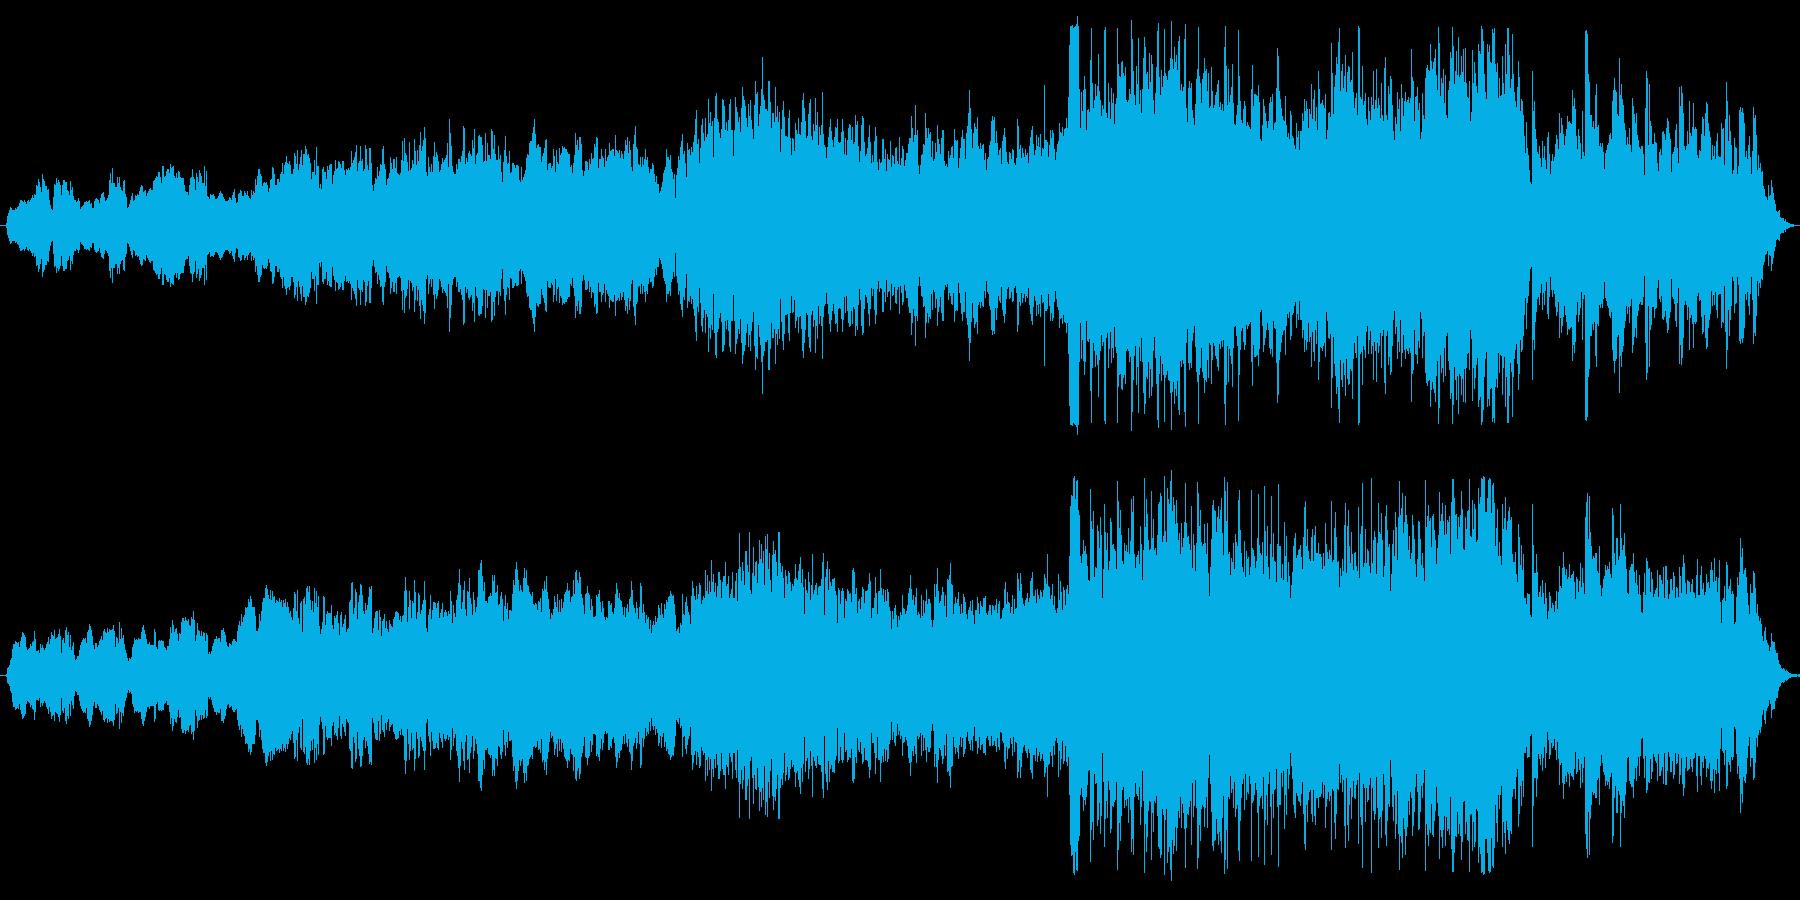 ストリングスの映画音楽の再生済みの波形